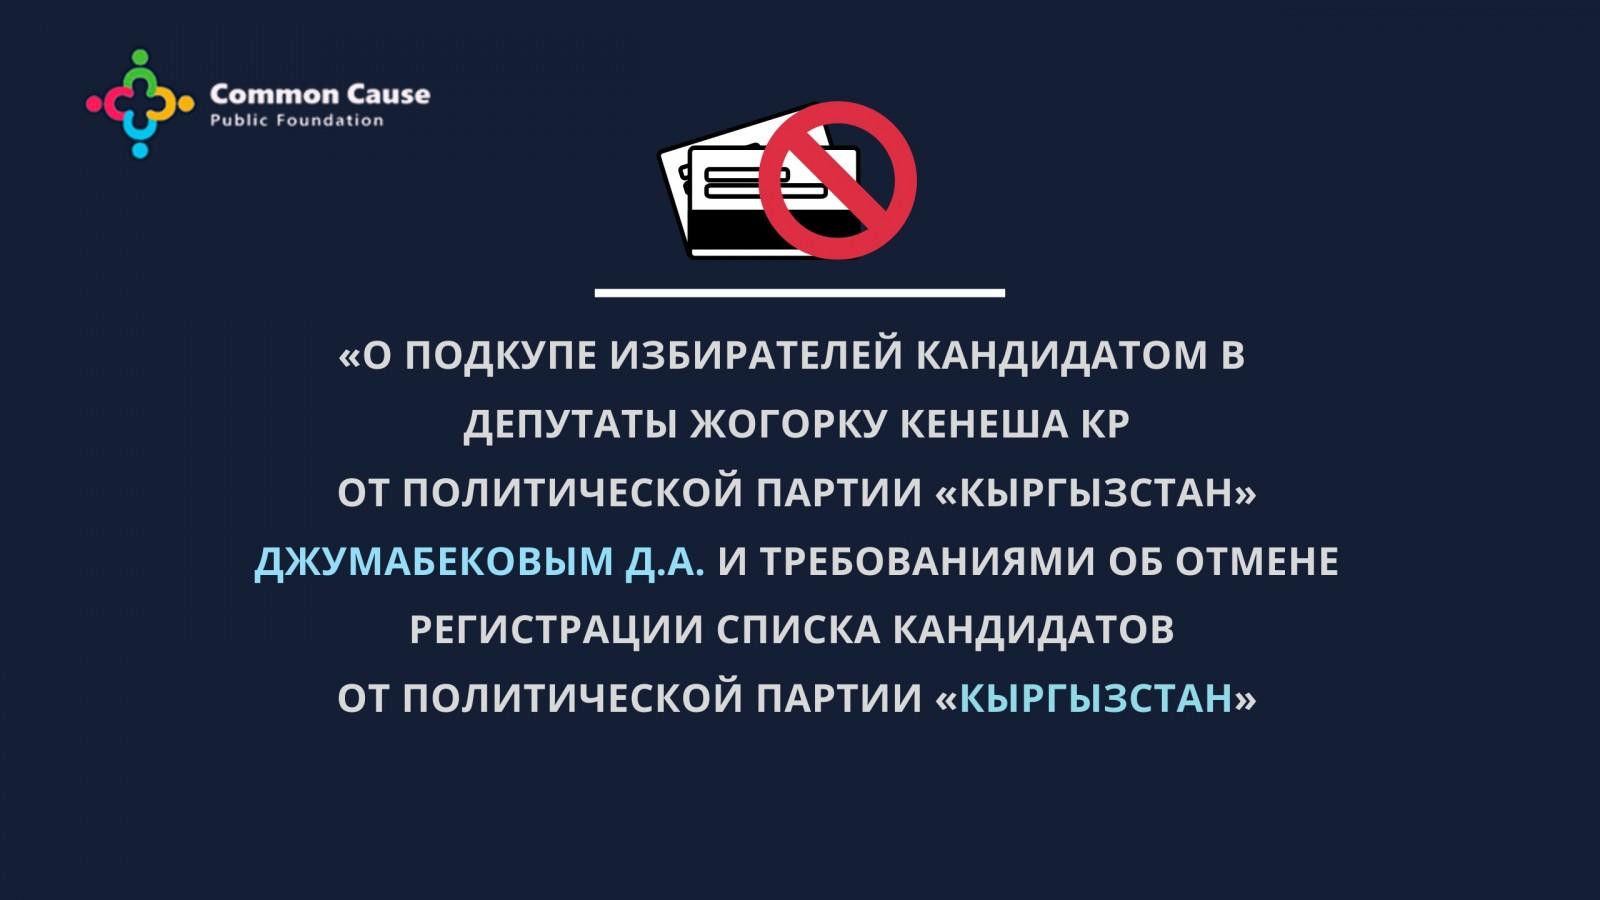 """О кандидате в депутаты от полит.партии """"Кыргызстан"""" Джумабекове Д.А."""